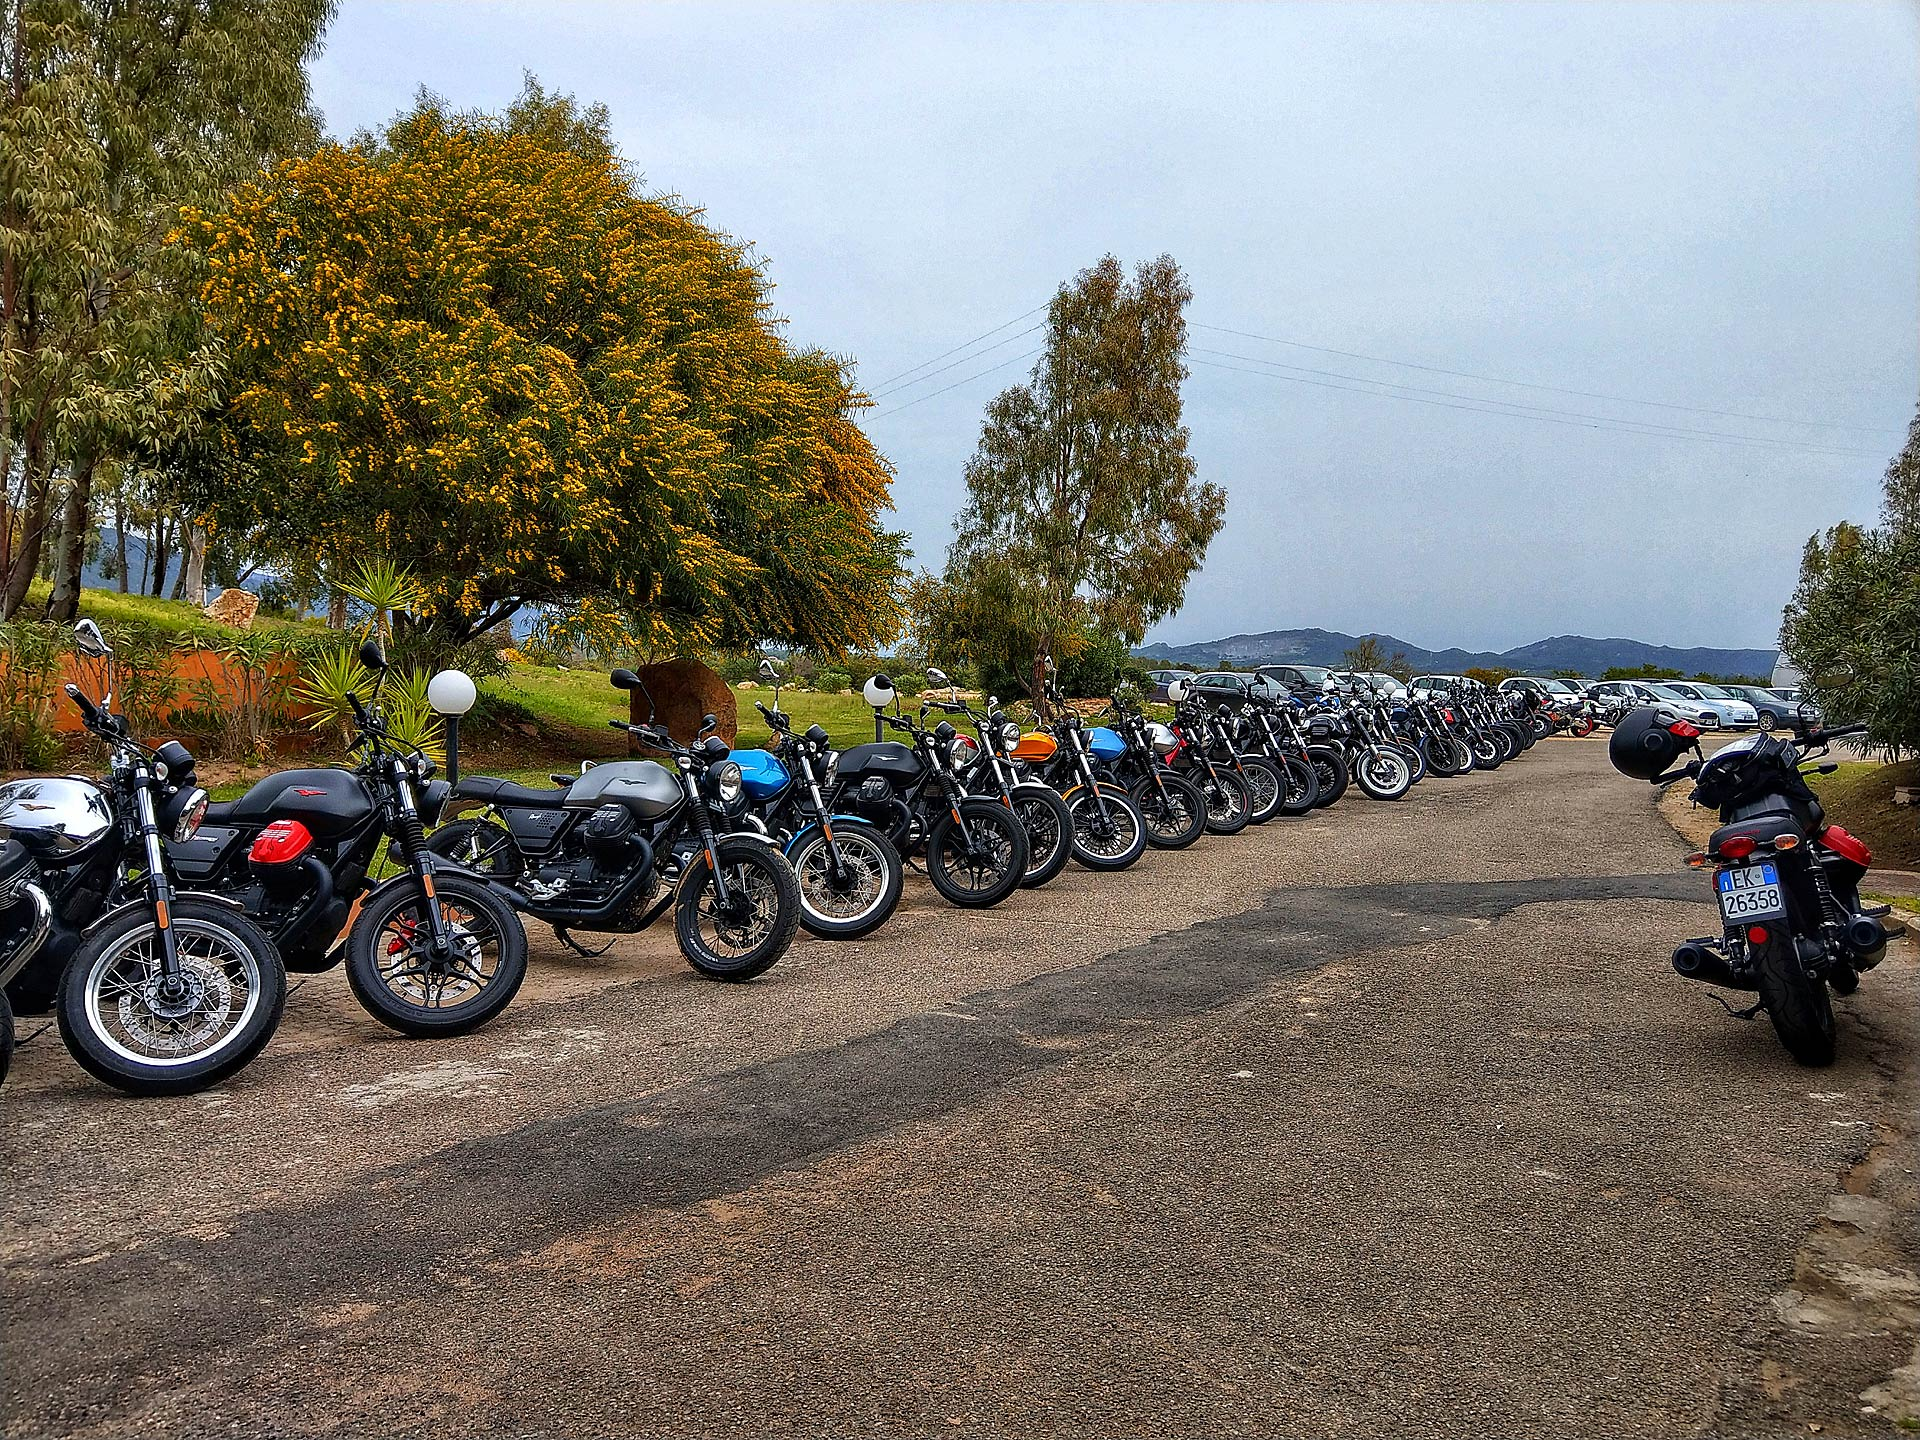 L'intera gamma di Moto Guzzi ci aspetta parcheggiata di fronte all'ingresso dell'Is Molas Resort